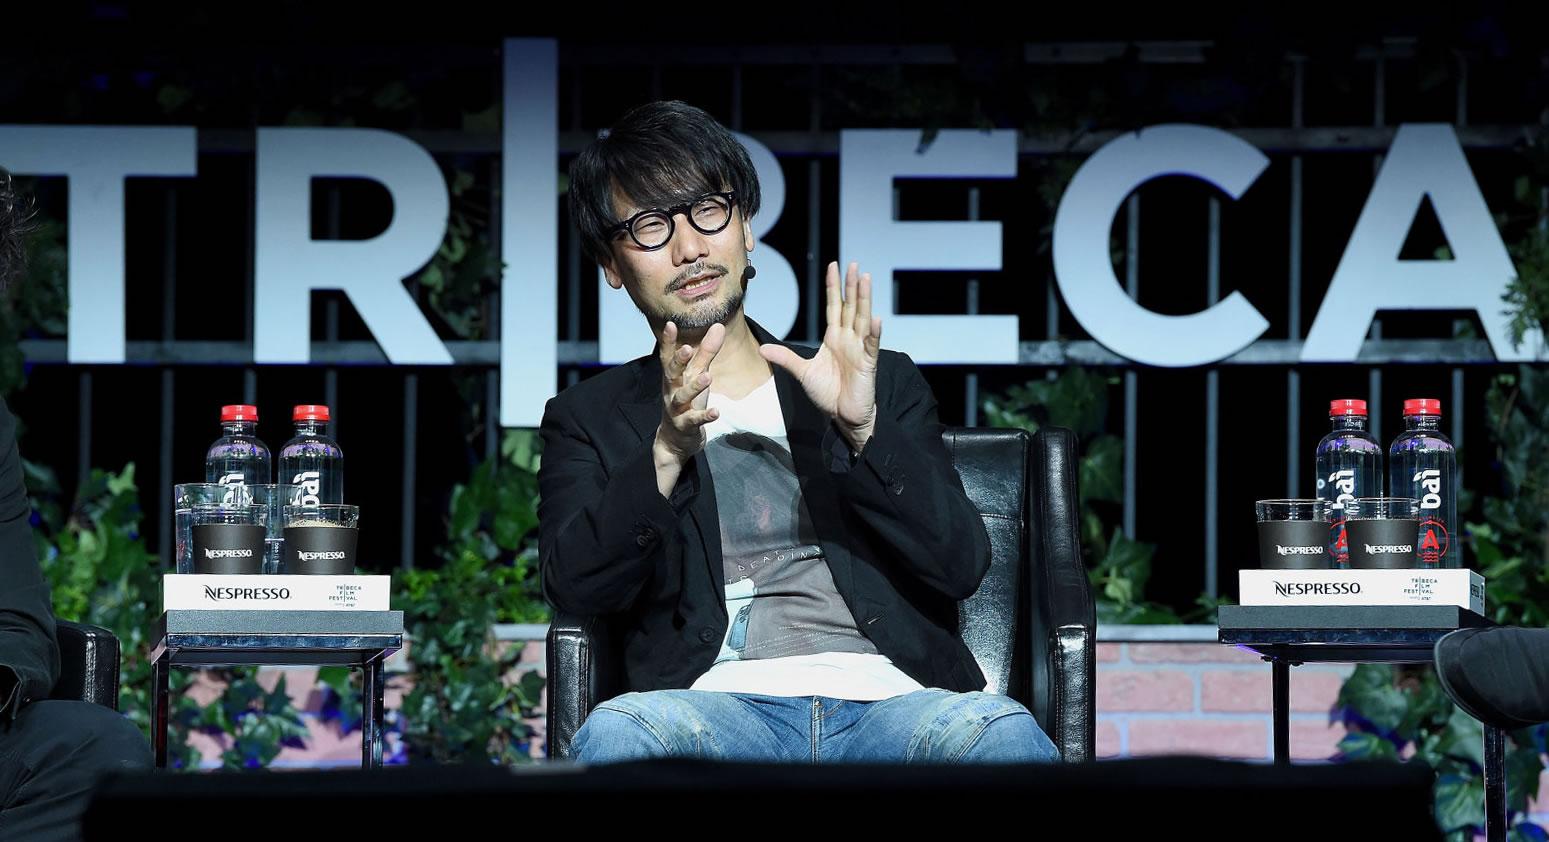 Hideo Kojima au Tribeca Games Festival, le 29 avril 2017